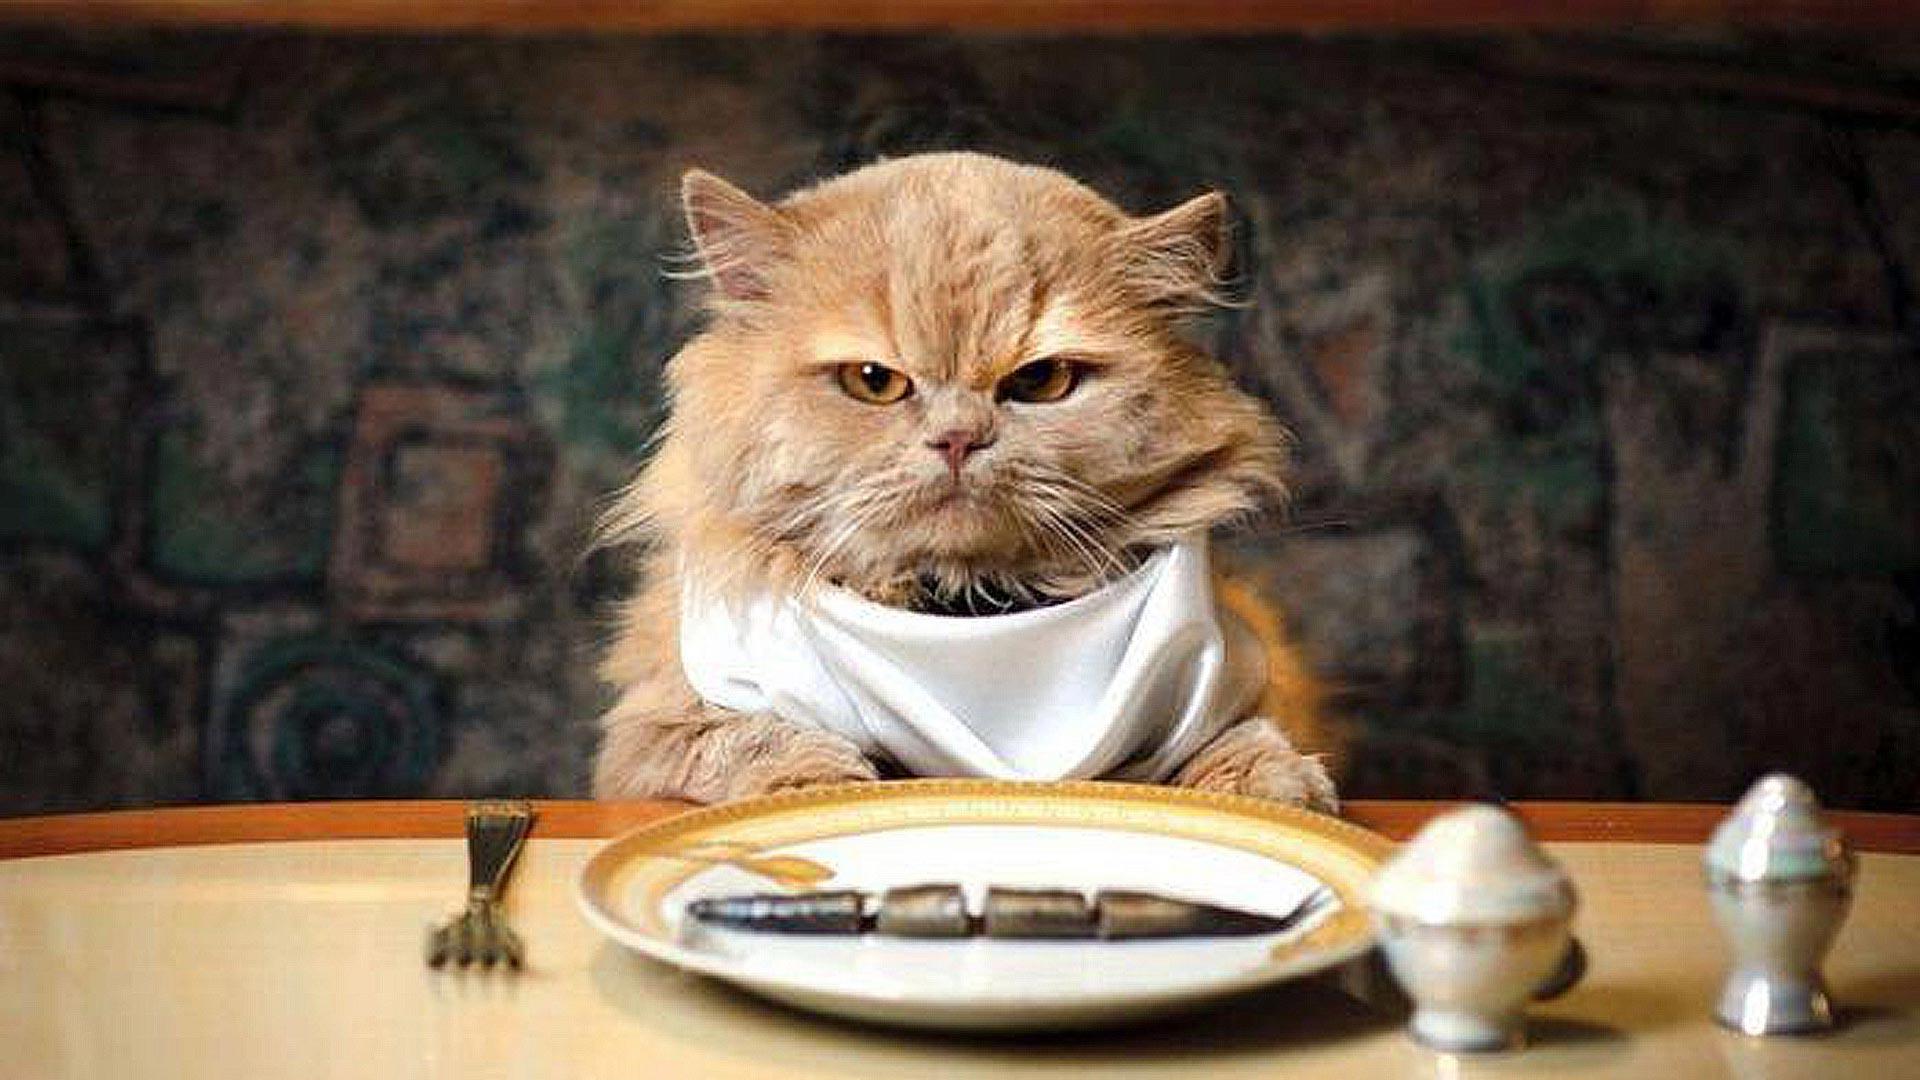 Интересные факты о корме для животных » Интересные факты: самое невероятное  и любопытное в мире